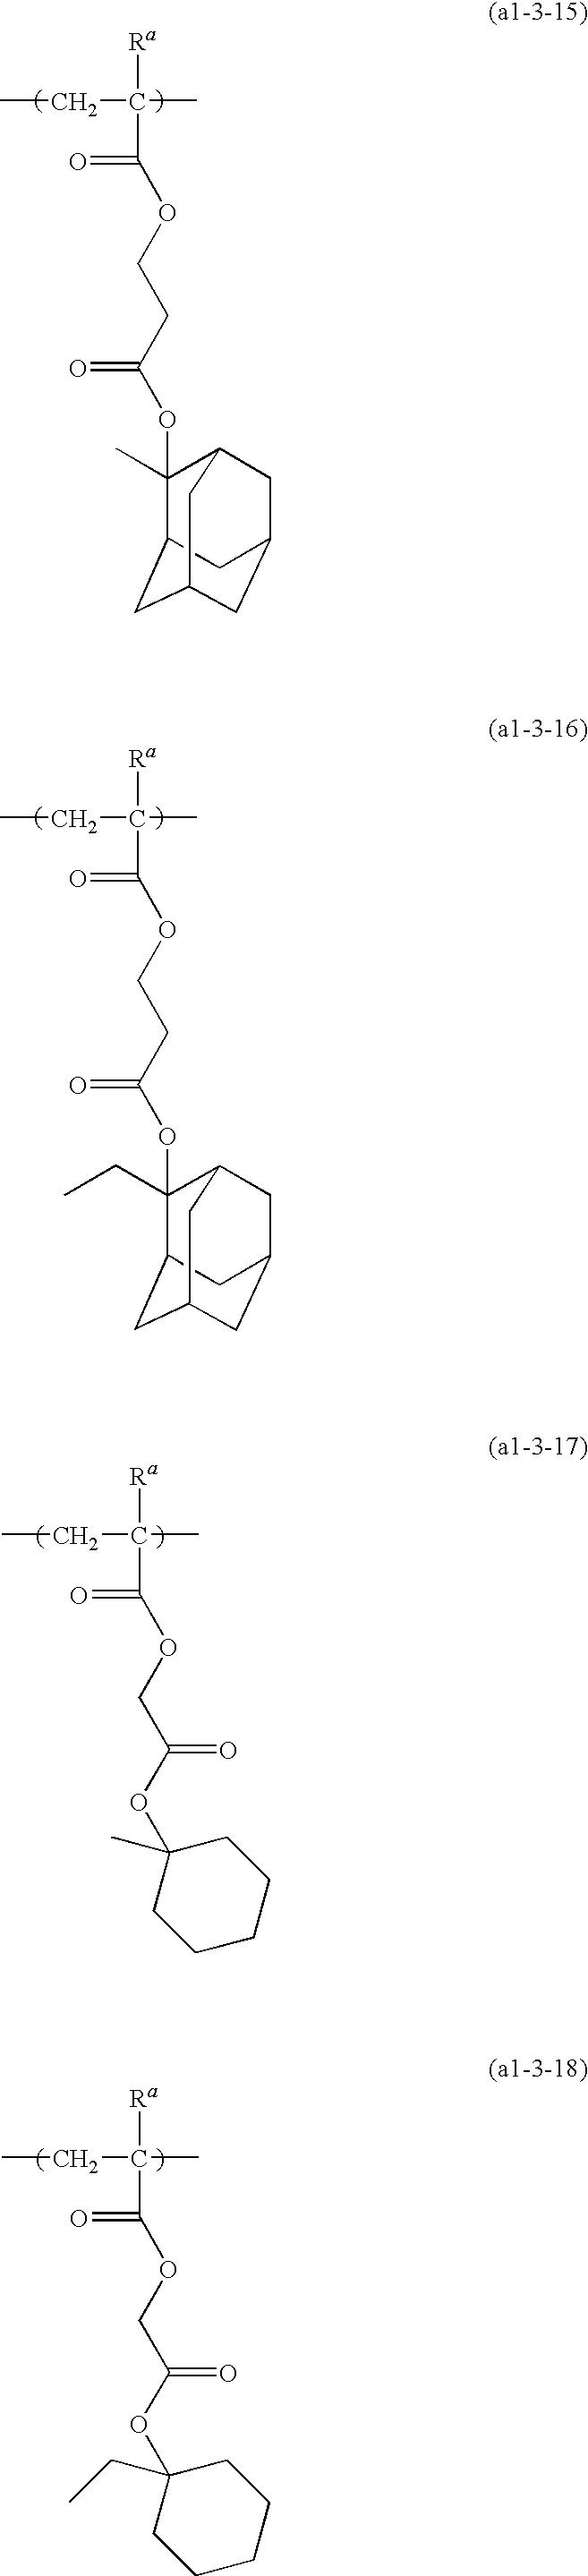 Figure US20100136480A1-20100603-C00037